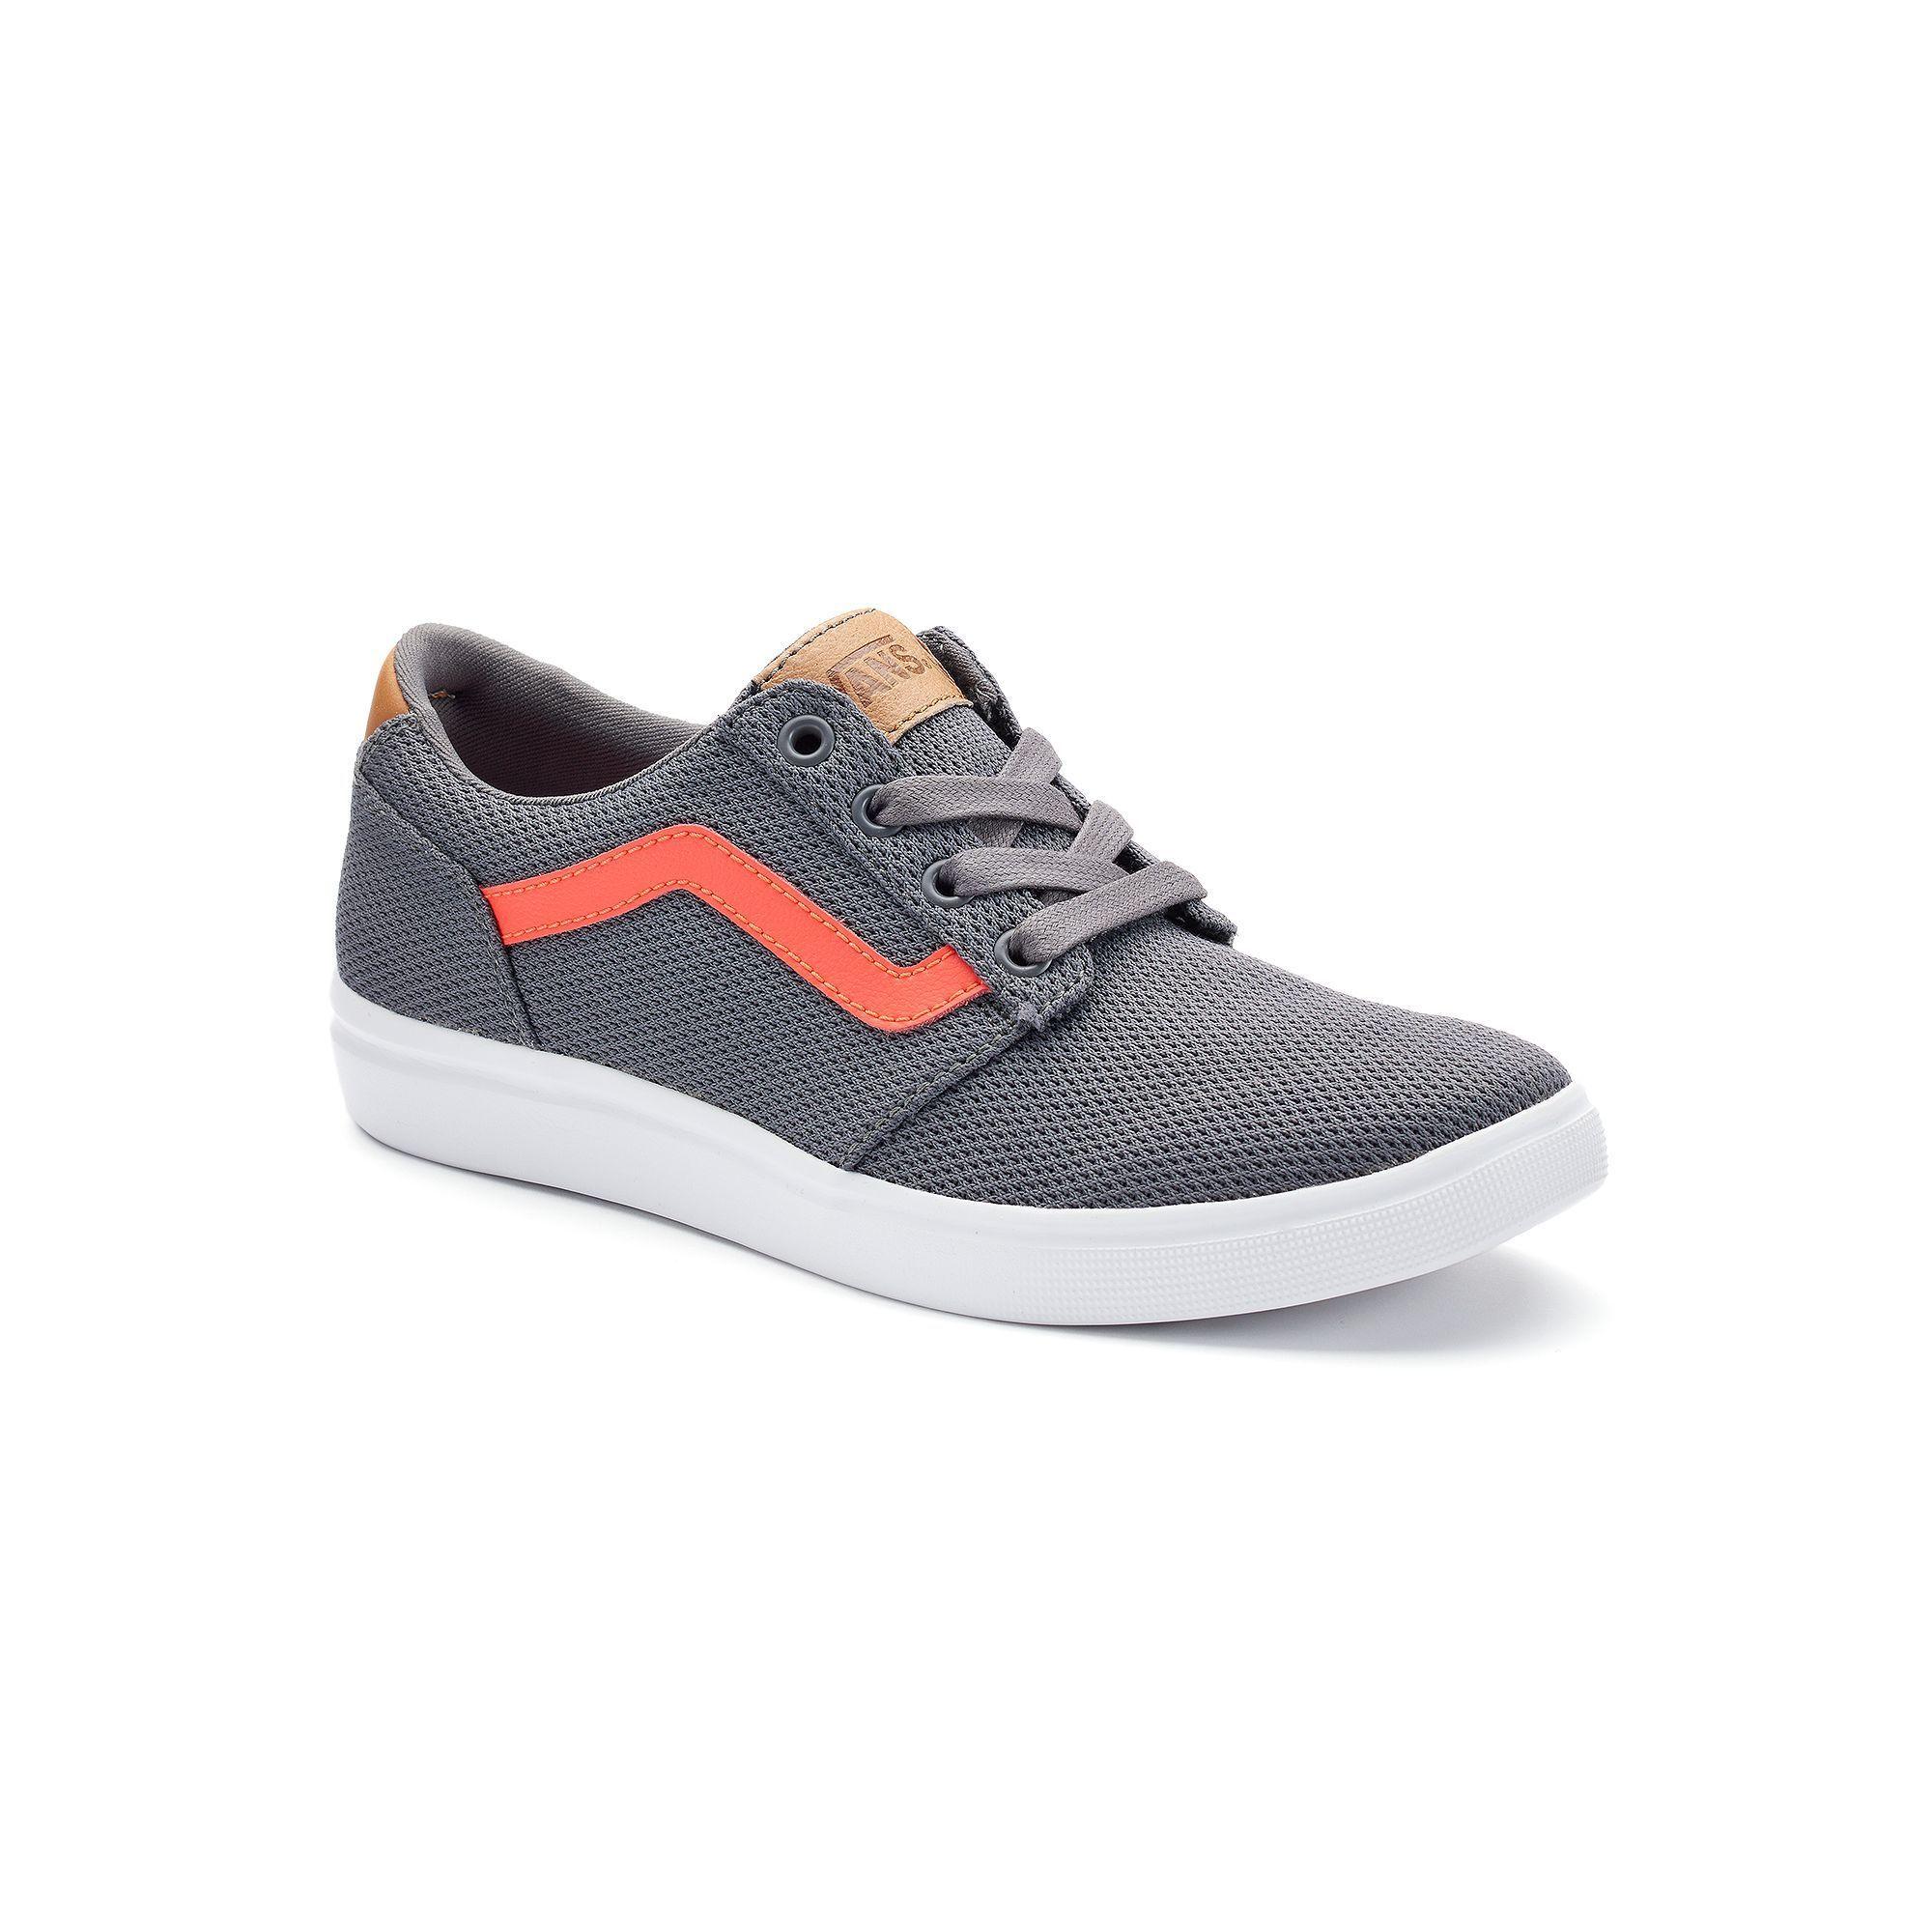 7d4f8d1d65 Vans Chapman Lite Women s Skate Shoes